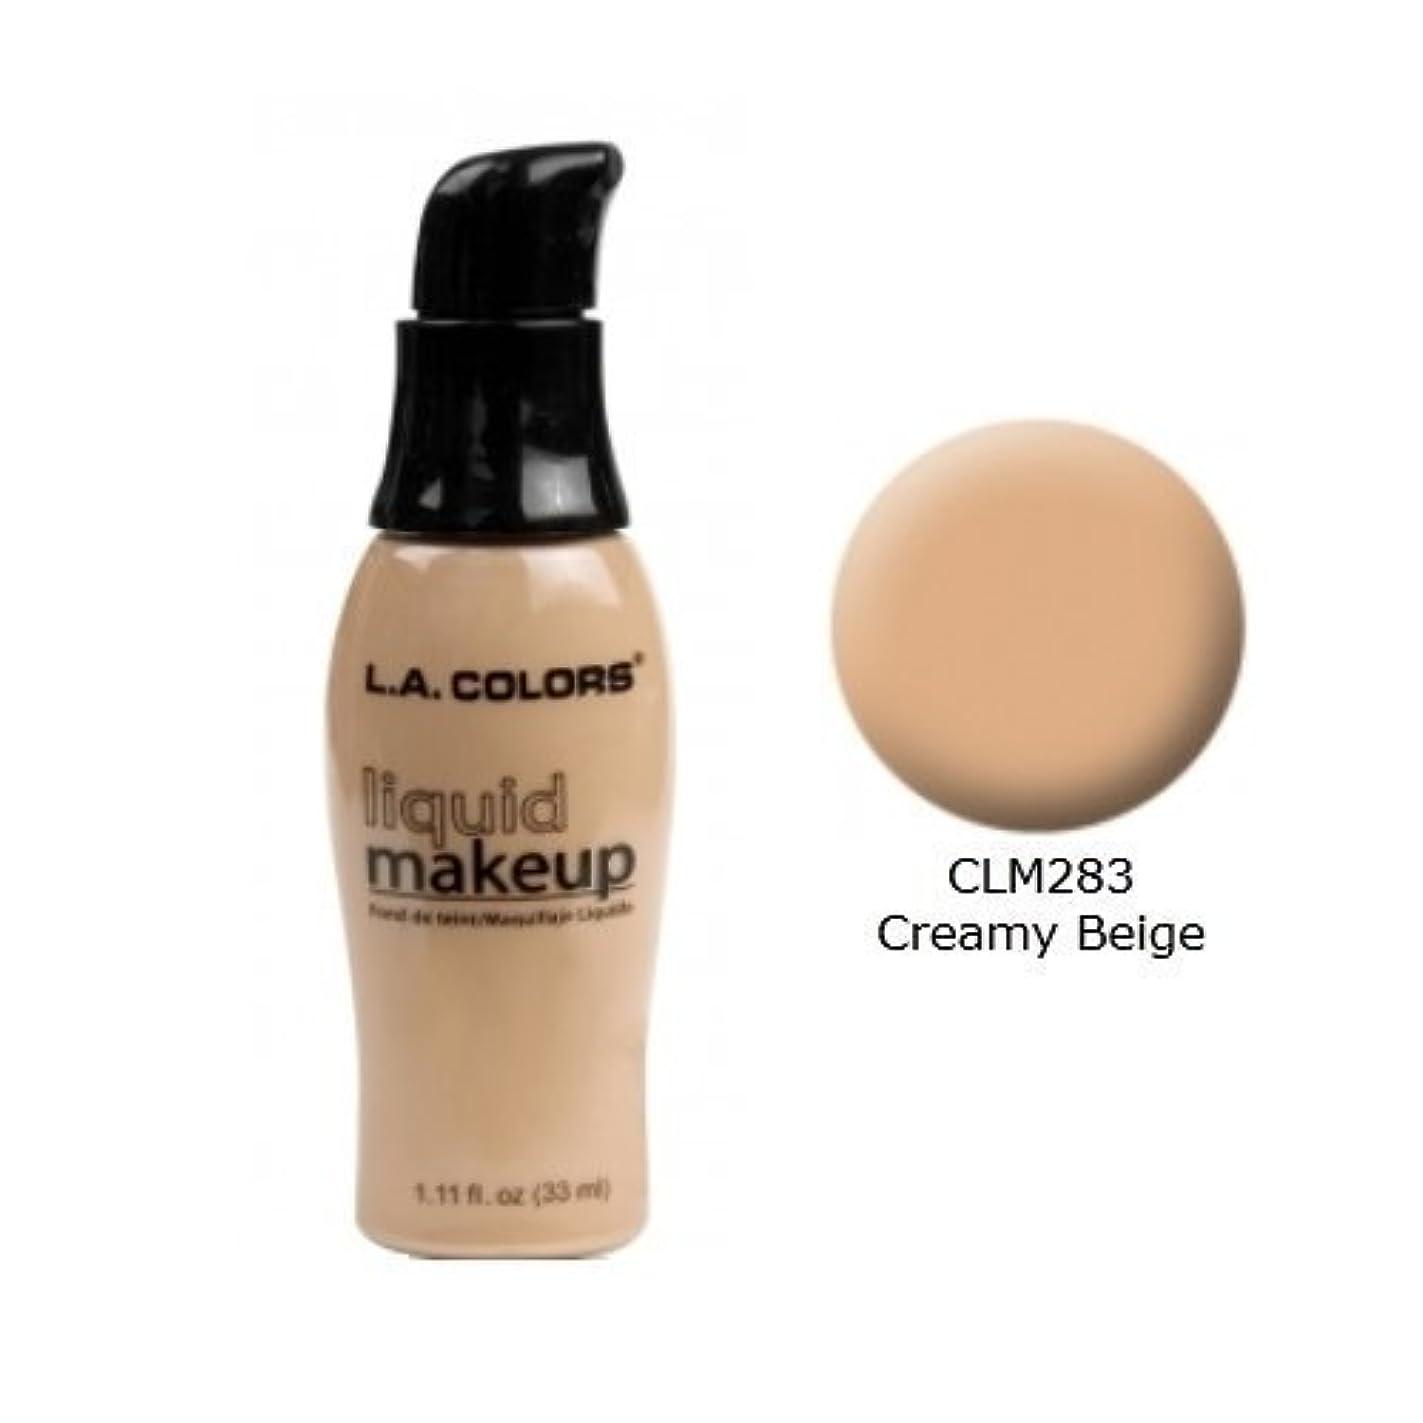 アイデア法令密度LA COLORS Liquid Makeup Creamy Beige (並行輸入品)